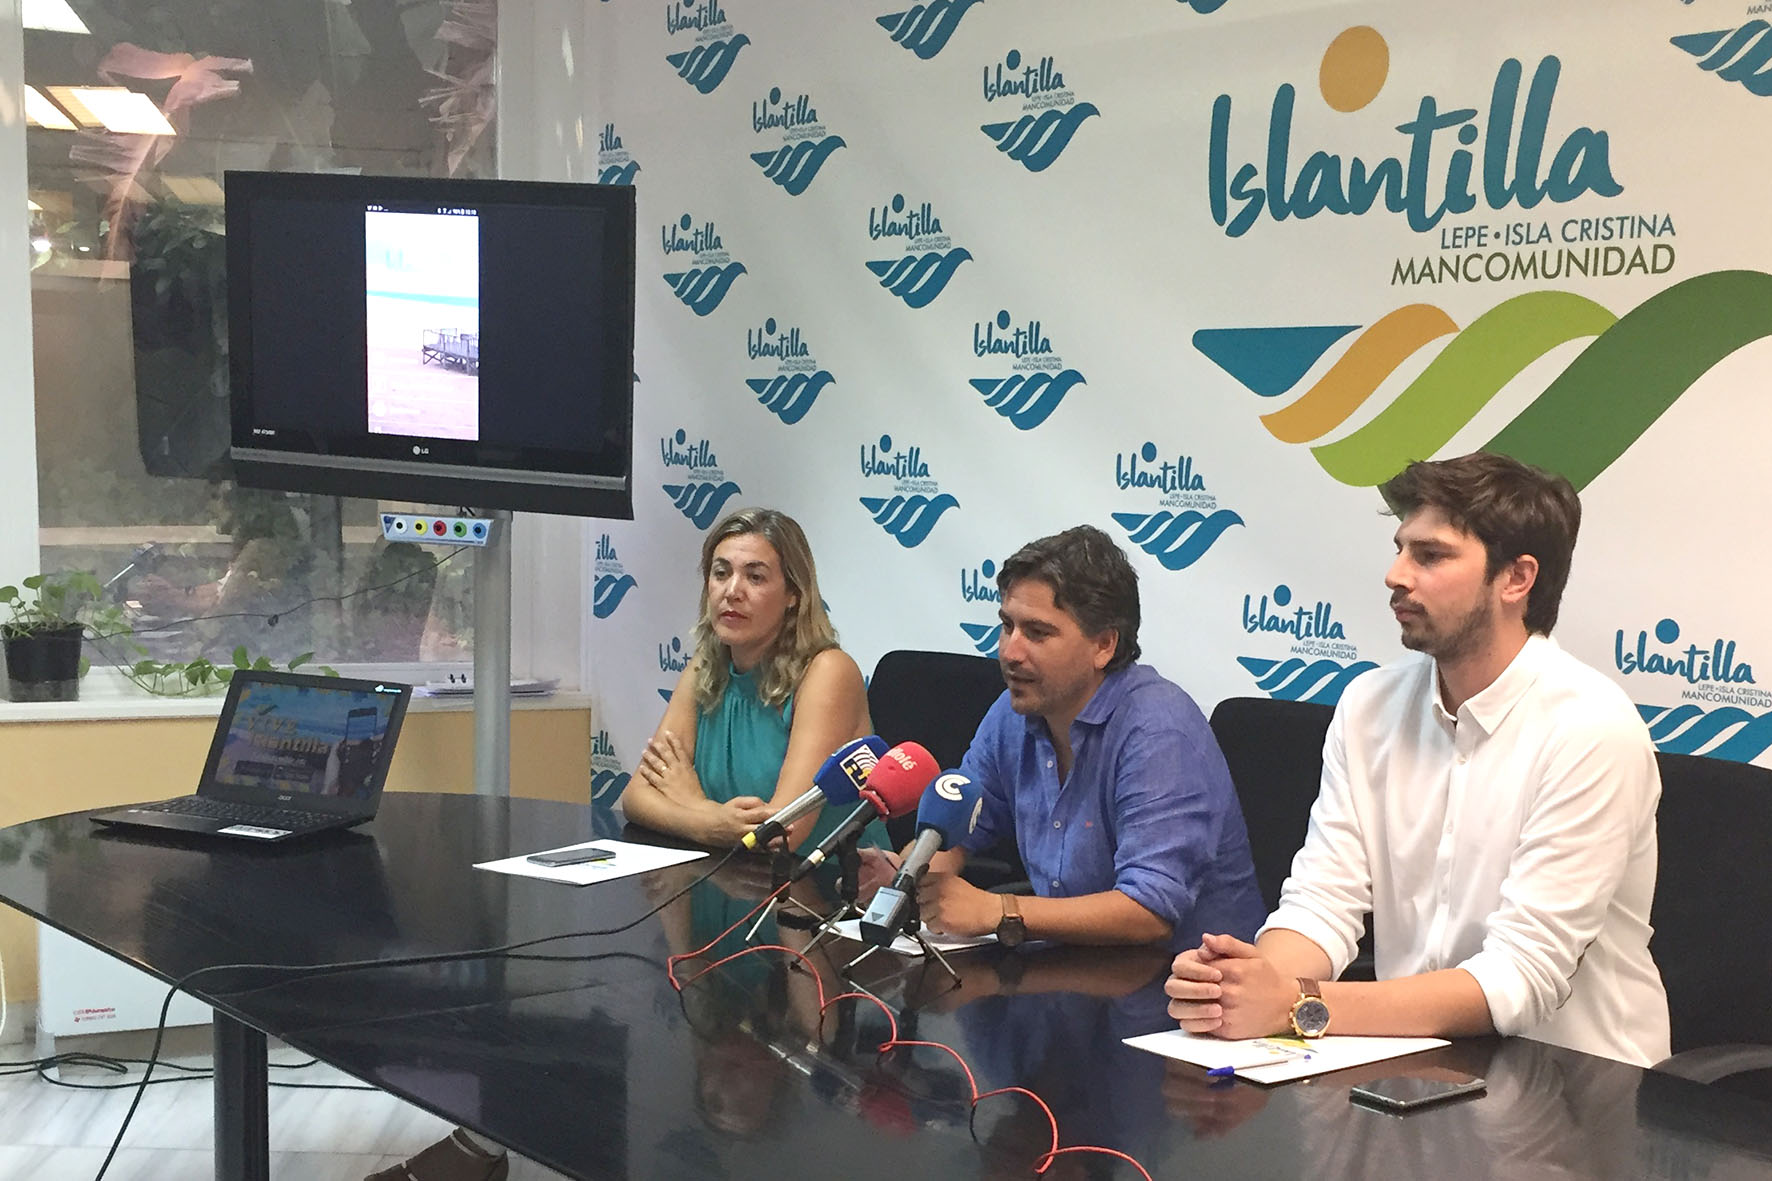 Presentación de la app de información turística VIVE ISLANTILLA